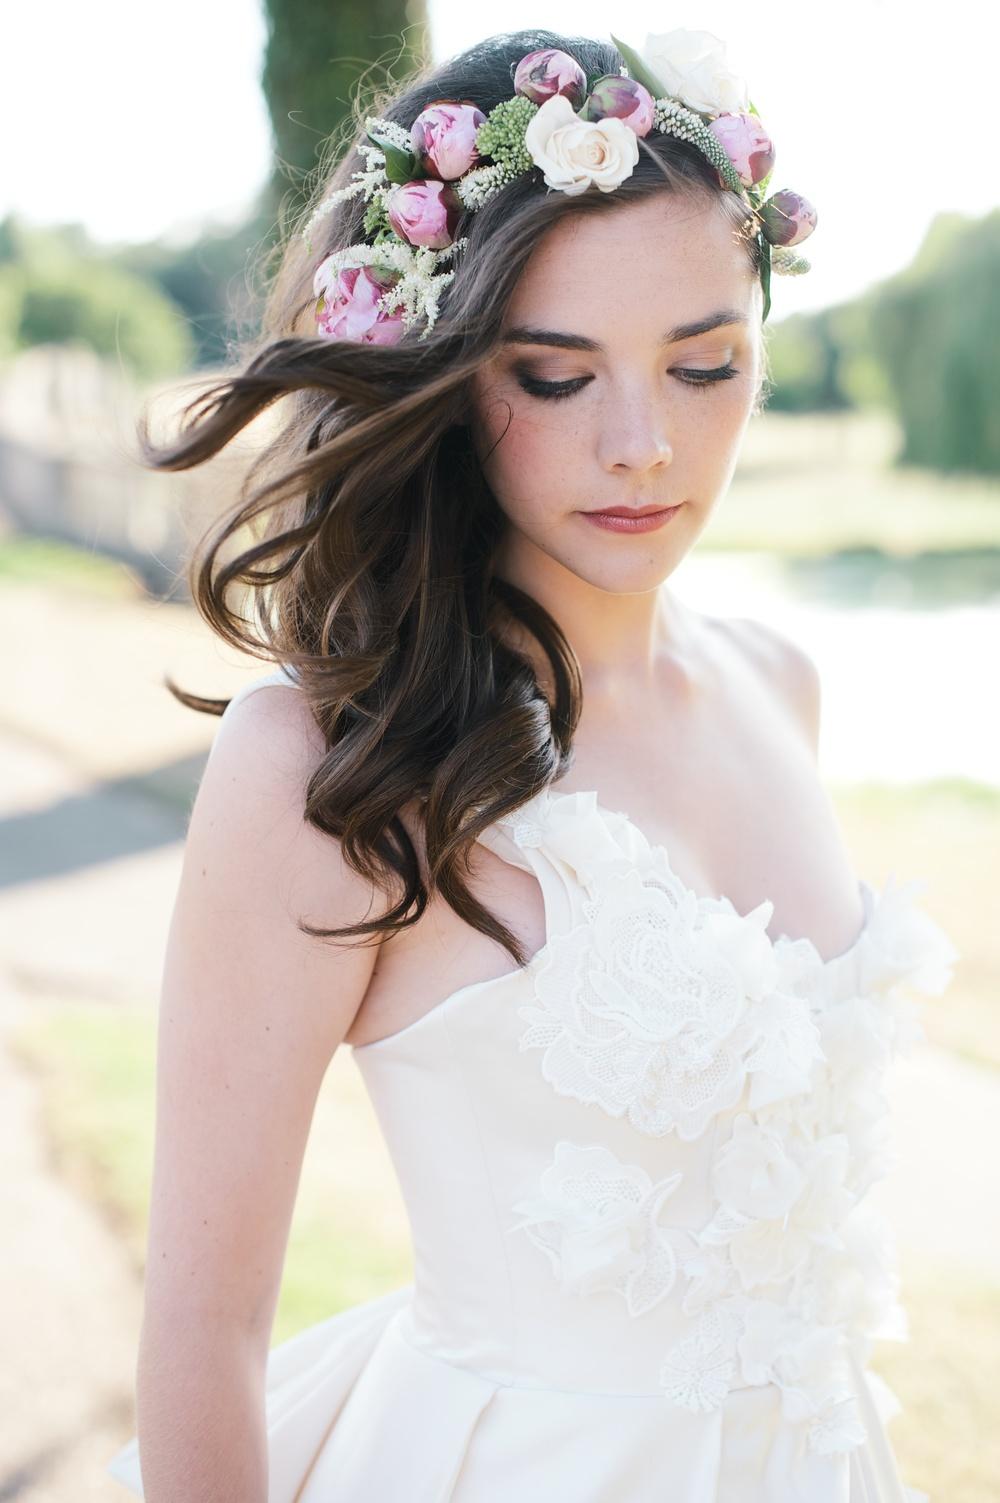 Bridal makeup style shoot